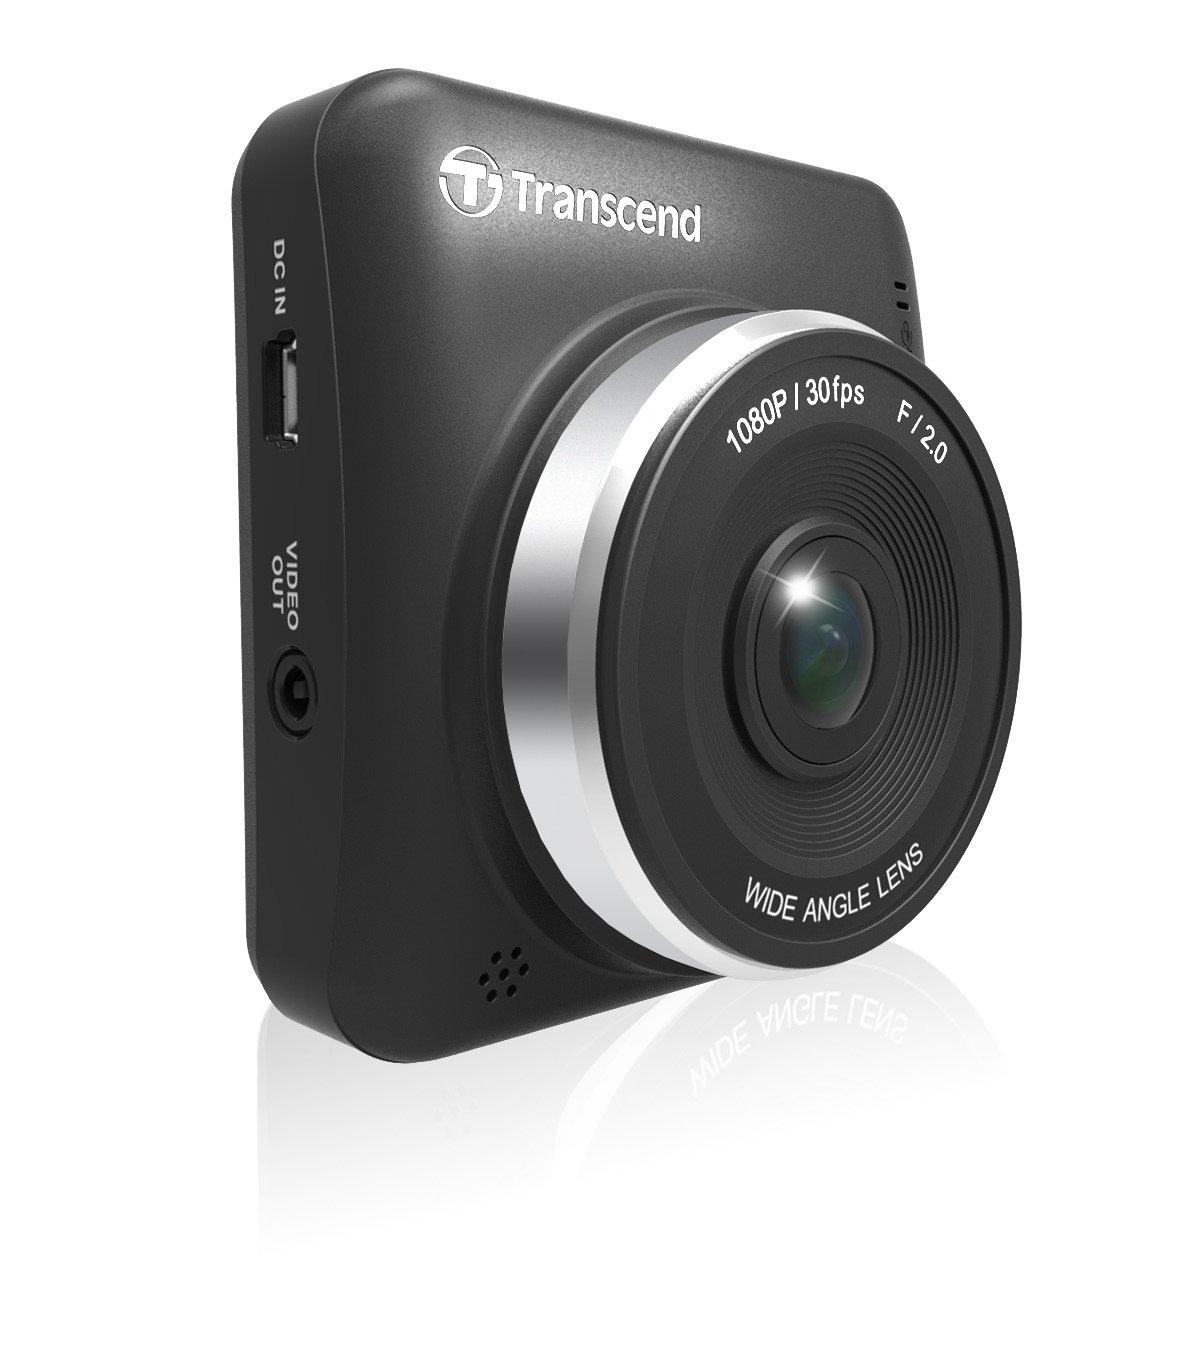 Transcend DrivePro 200 Camé ra Dashcam / Enregistreur video pour Voiture WIFI - Support Ventouse  TS16GDP200M